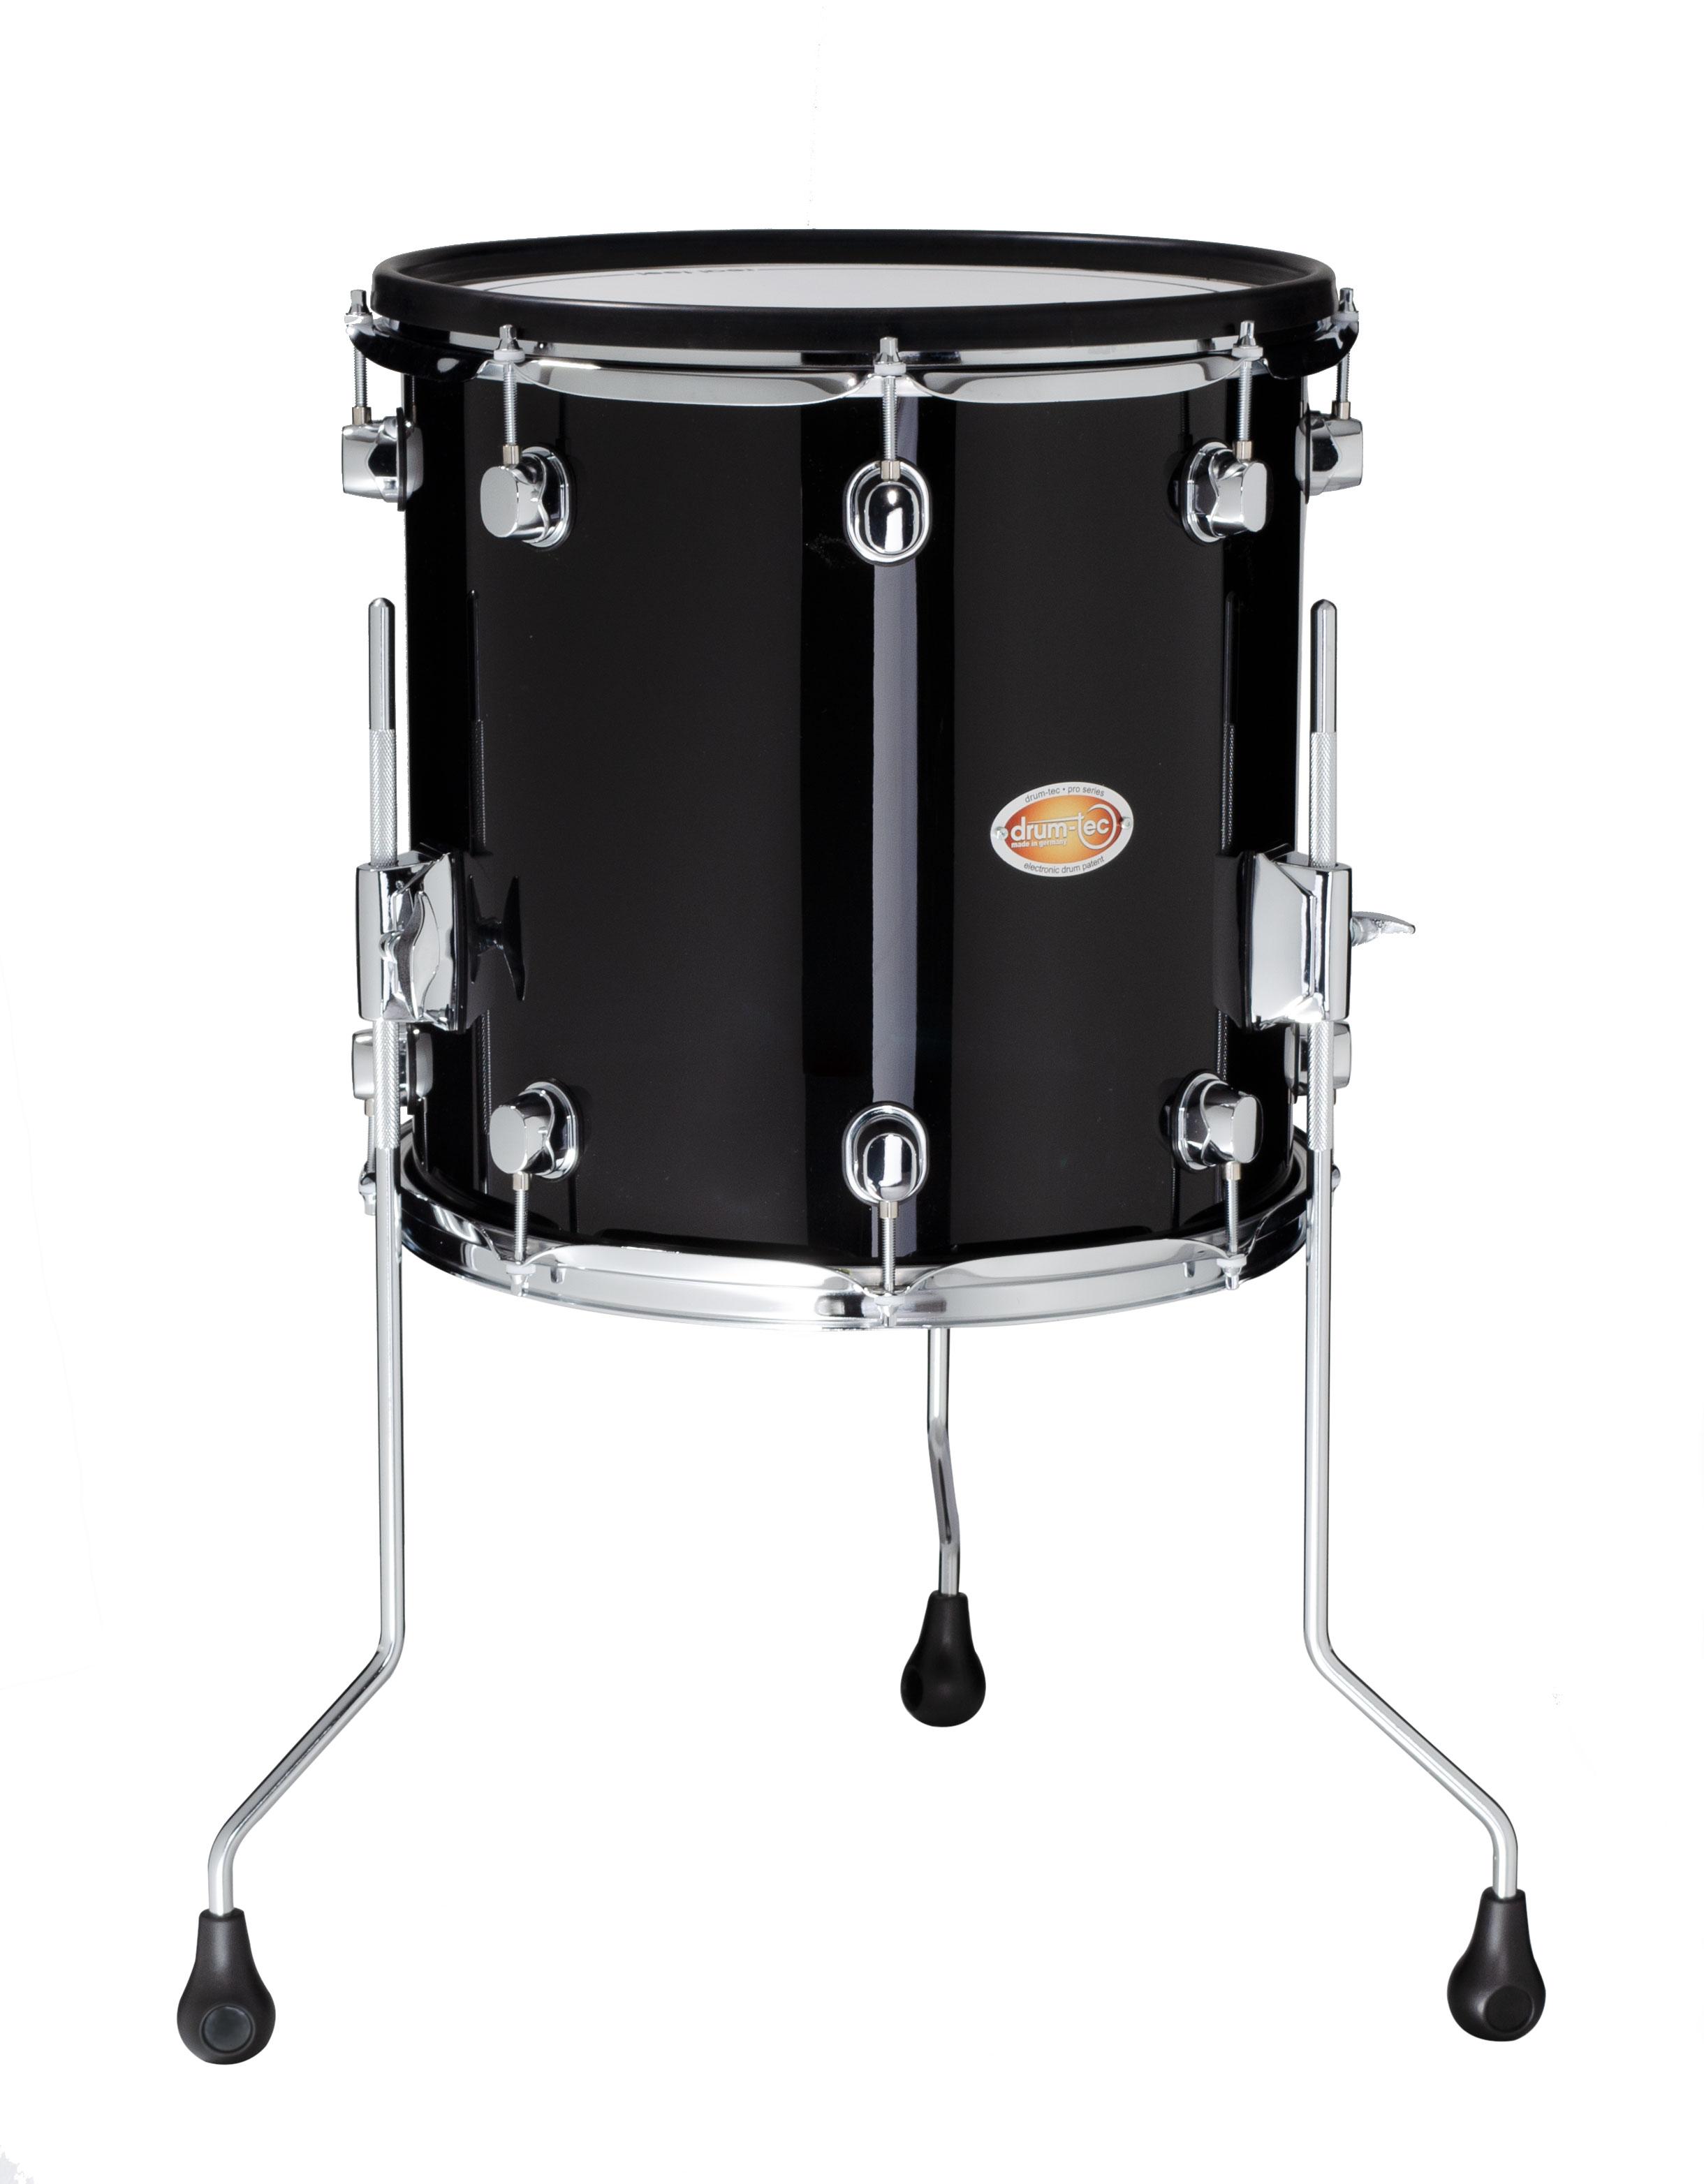 Drum Tec Pro Floor Tom 14 Quot X 14 Quot Black Finish Drum Tec